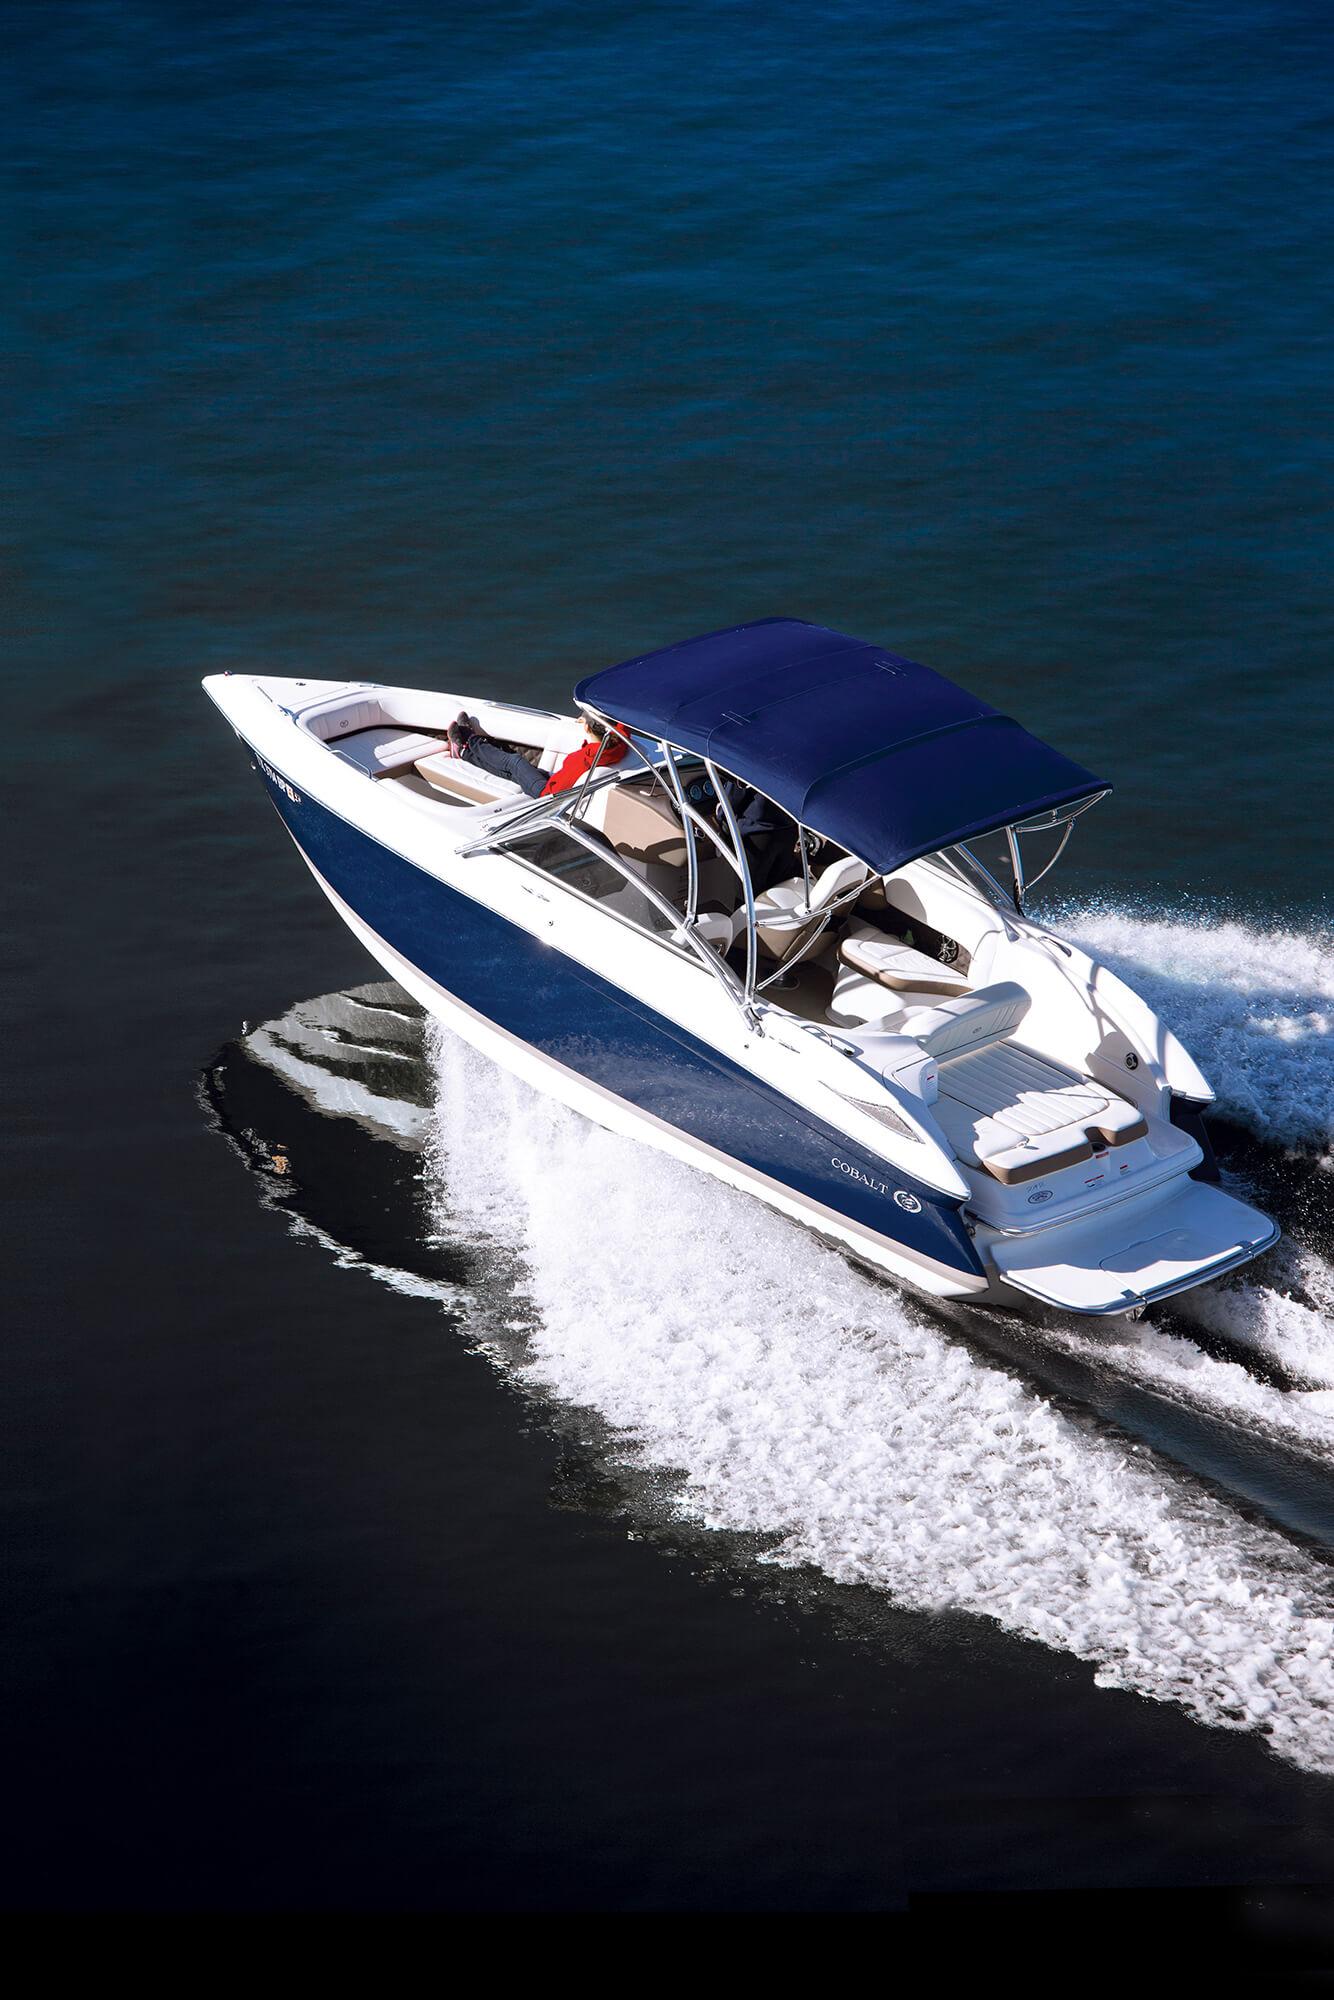 带有海蓝色遮阳蓬的汽艇上的视图